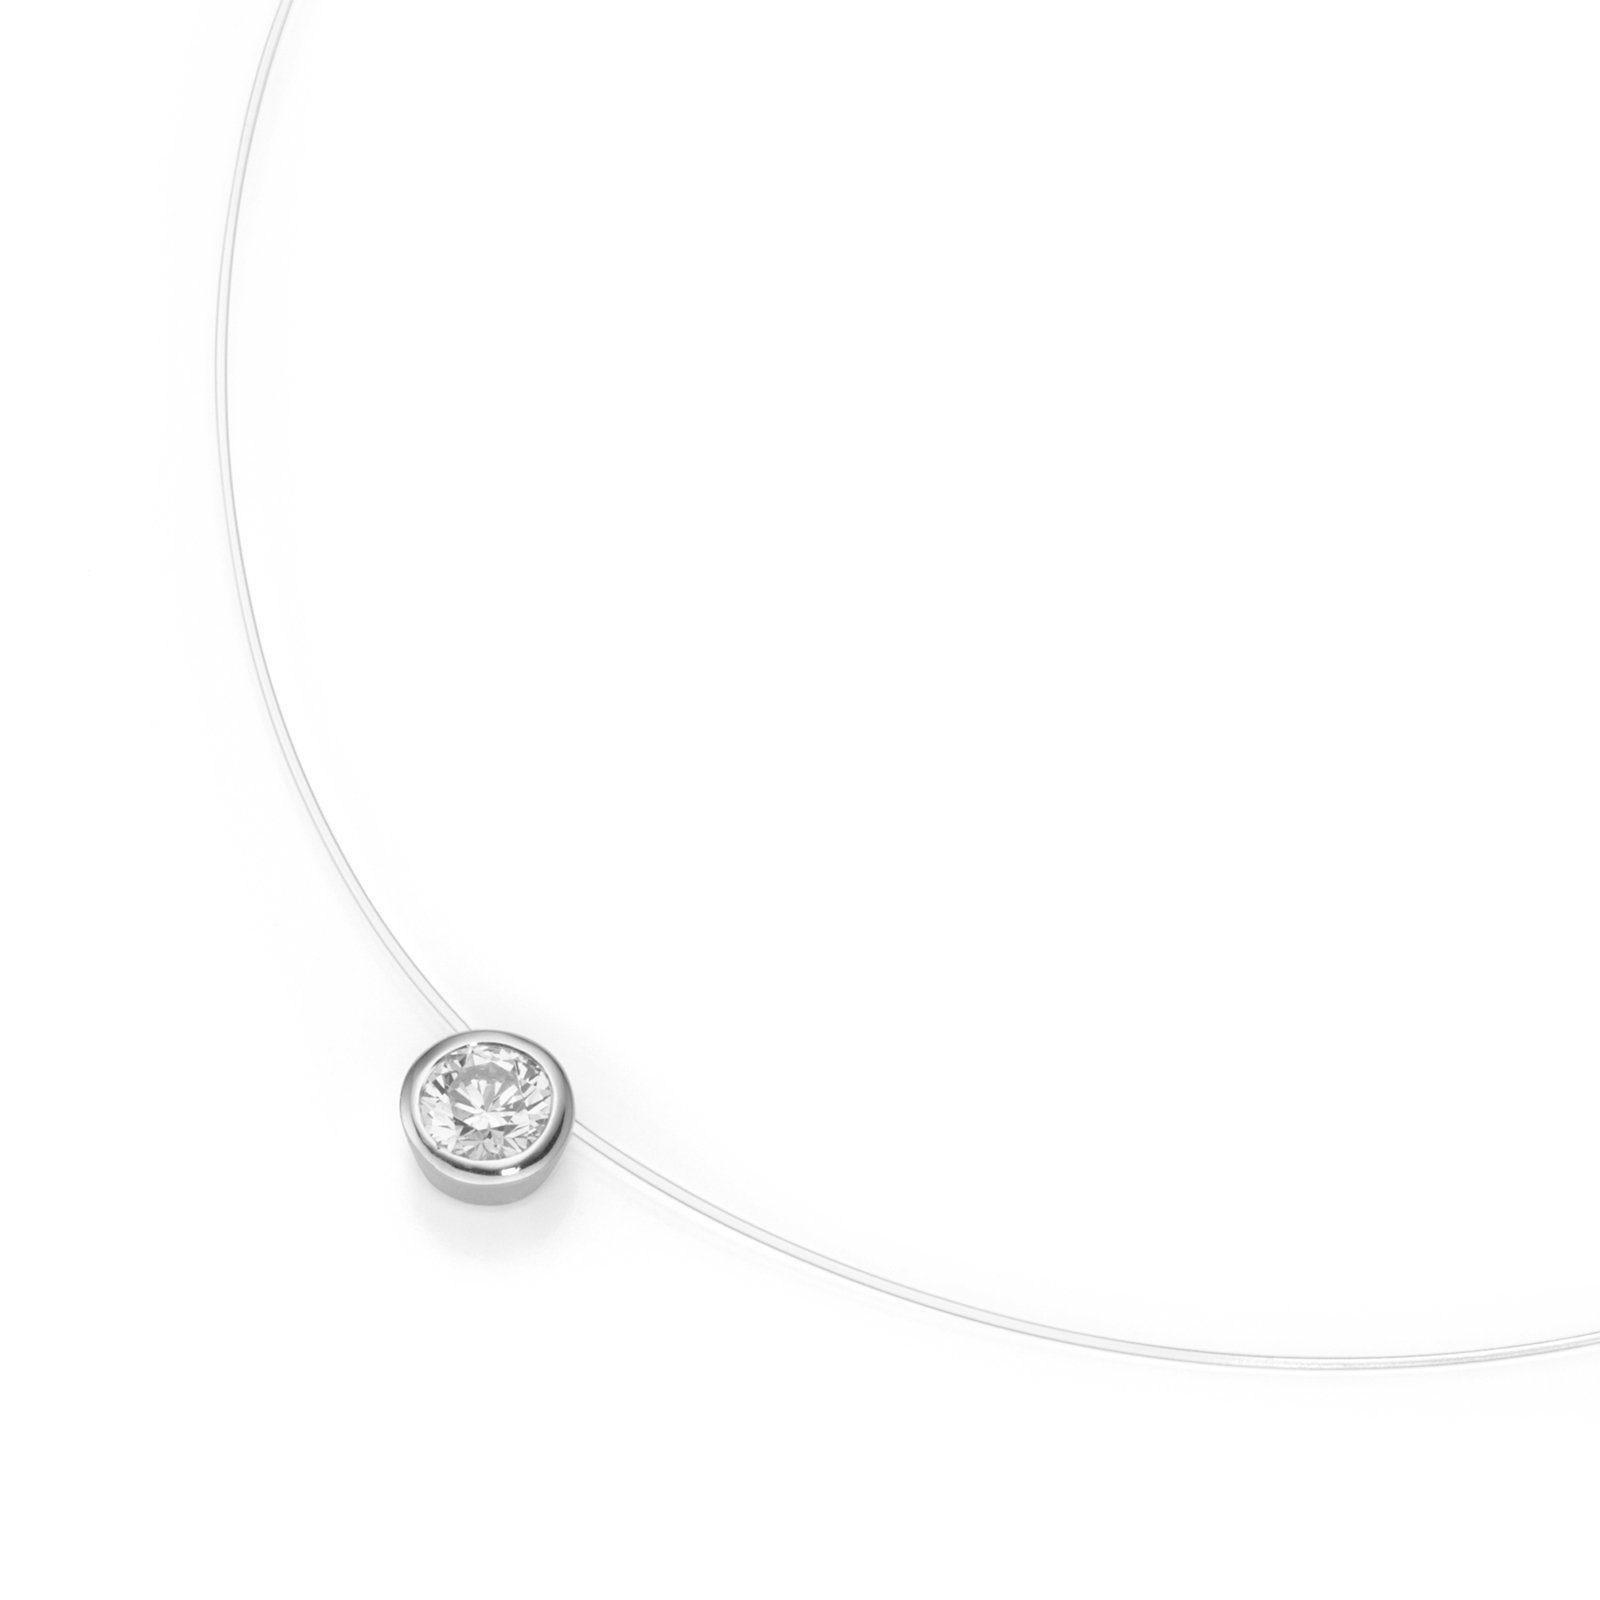 Halsreif unsichtbare Nylon Kette Halskette schwebende Anhänger Stern 925 Silber